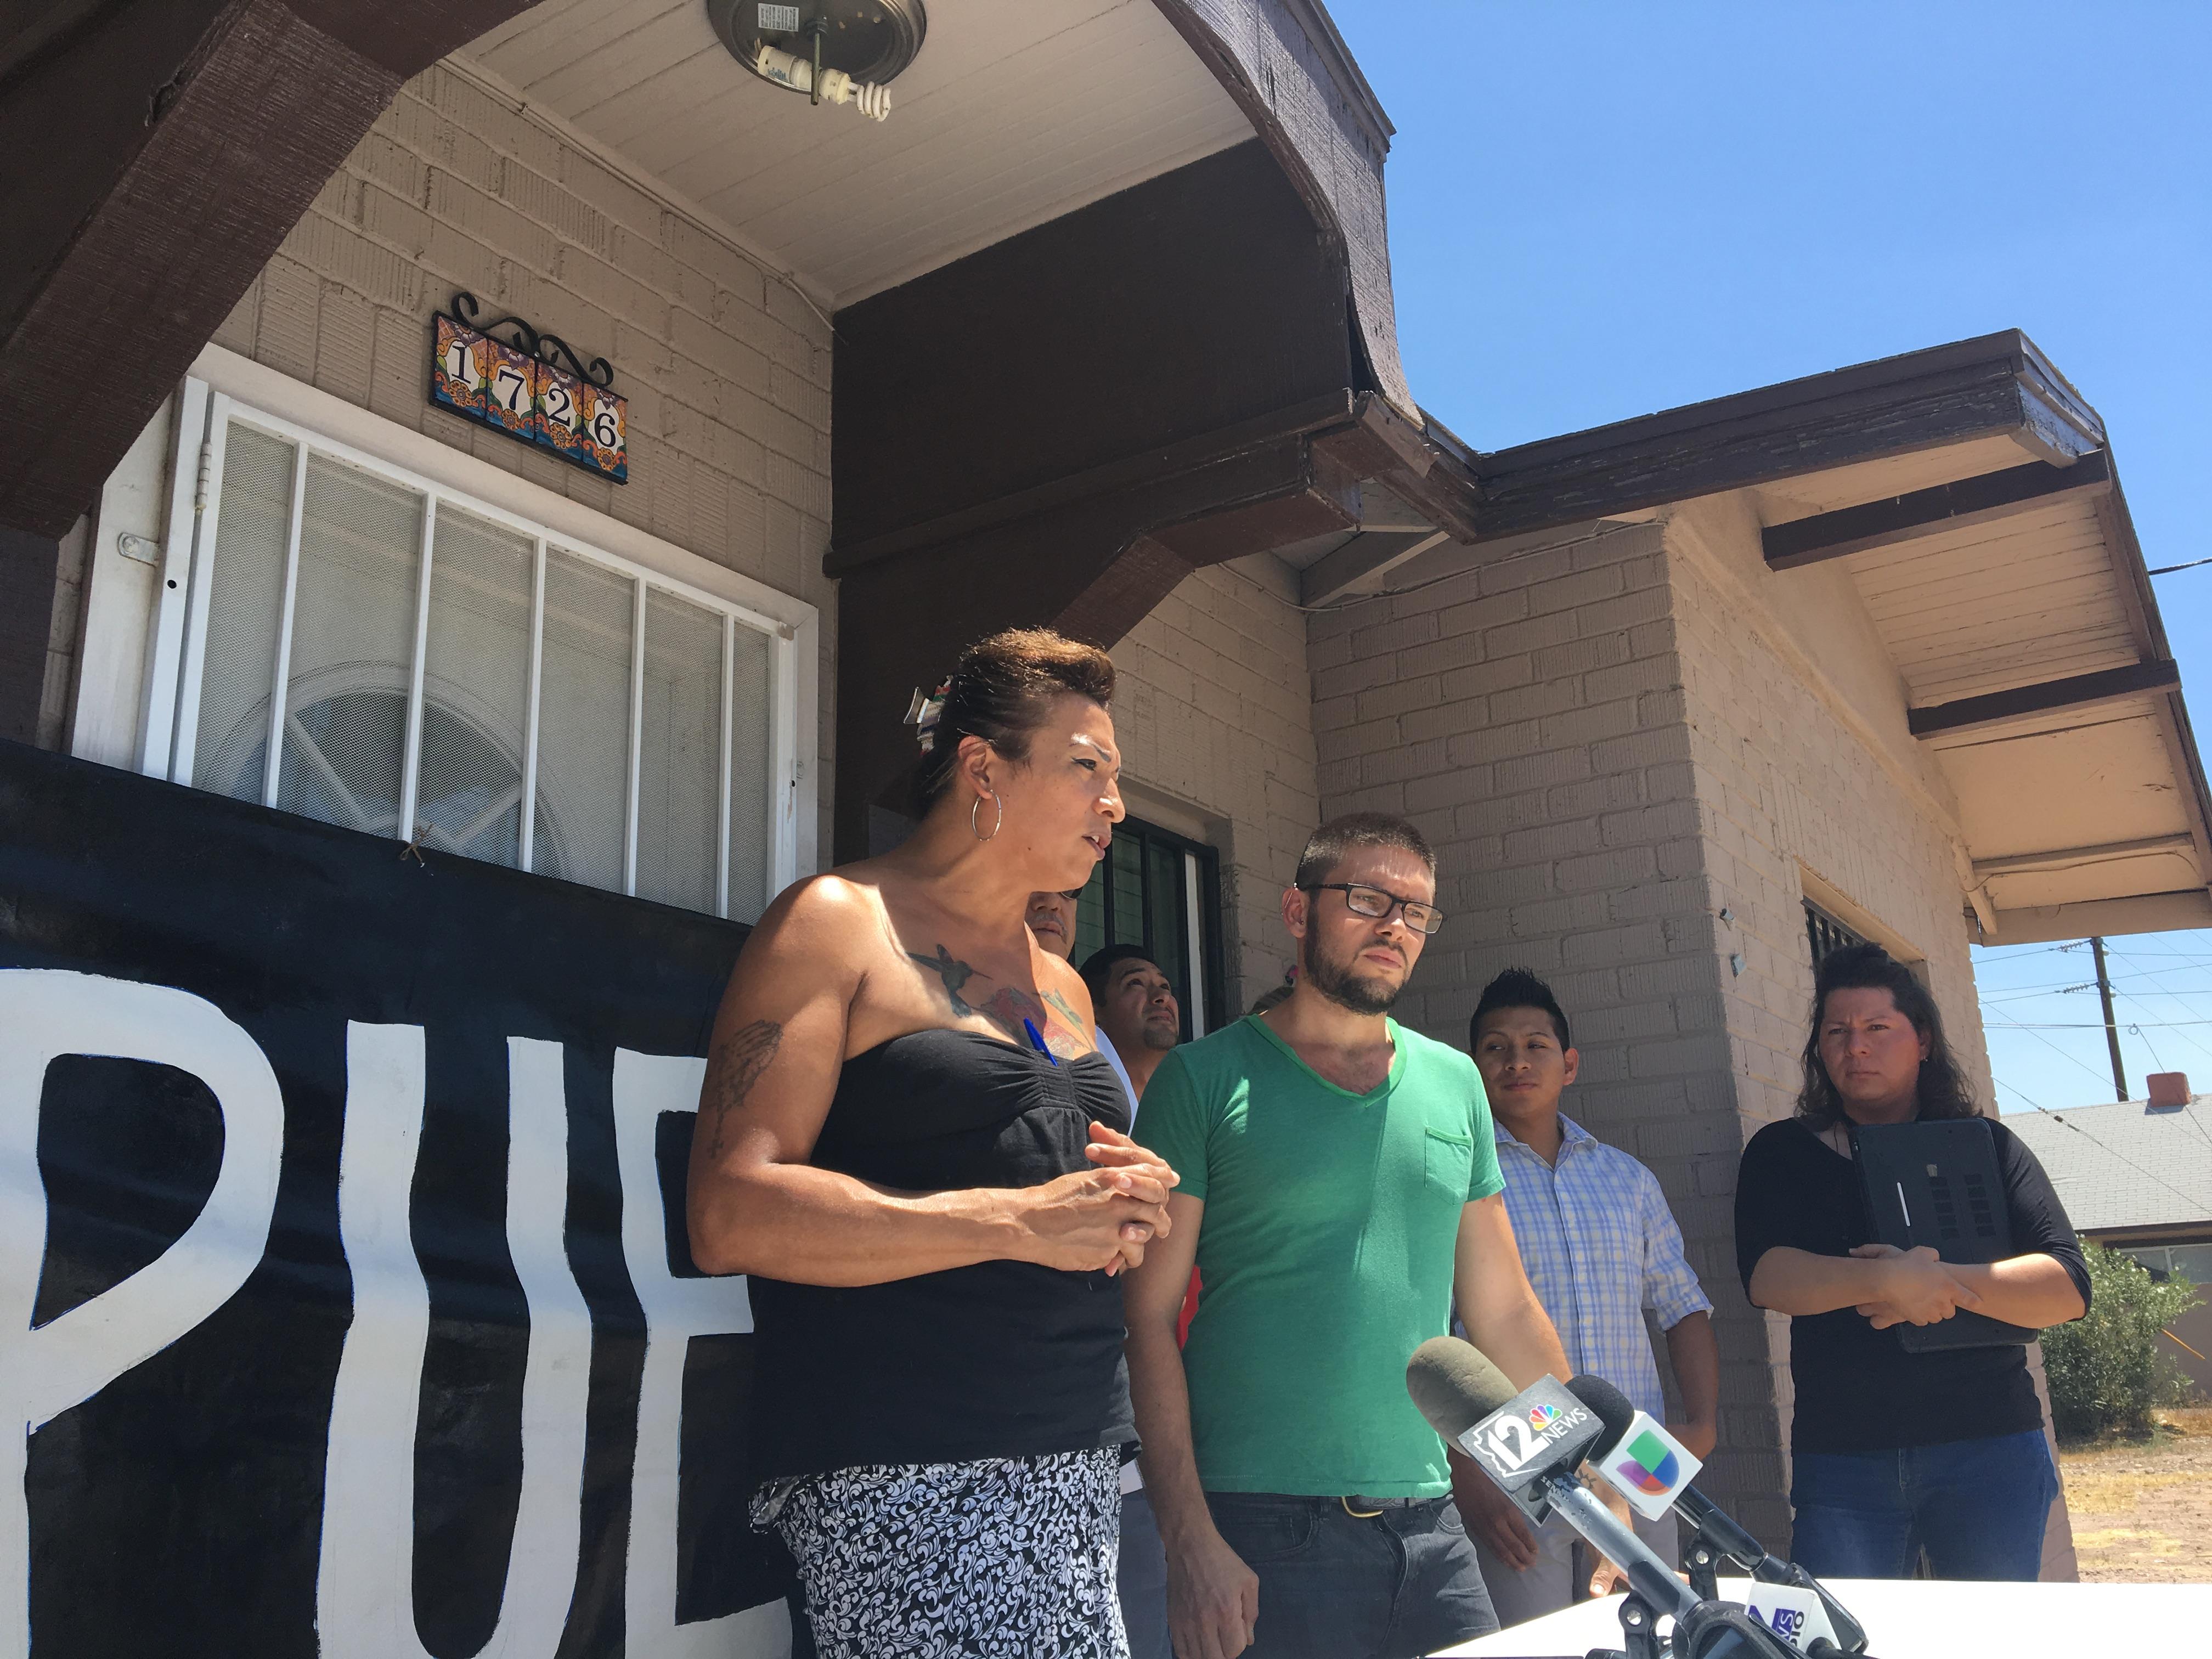 Karyna Jaramillo, coordinadora de defensa de Arcoiris Liberation Team  denuncia las condiciones en las que se encuentran detenidos personas infectadas de sarampión en Eloy, Arizona. Foto: Valeria Fernández.